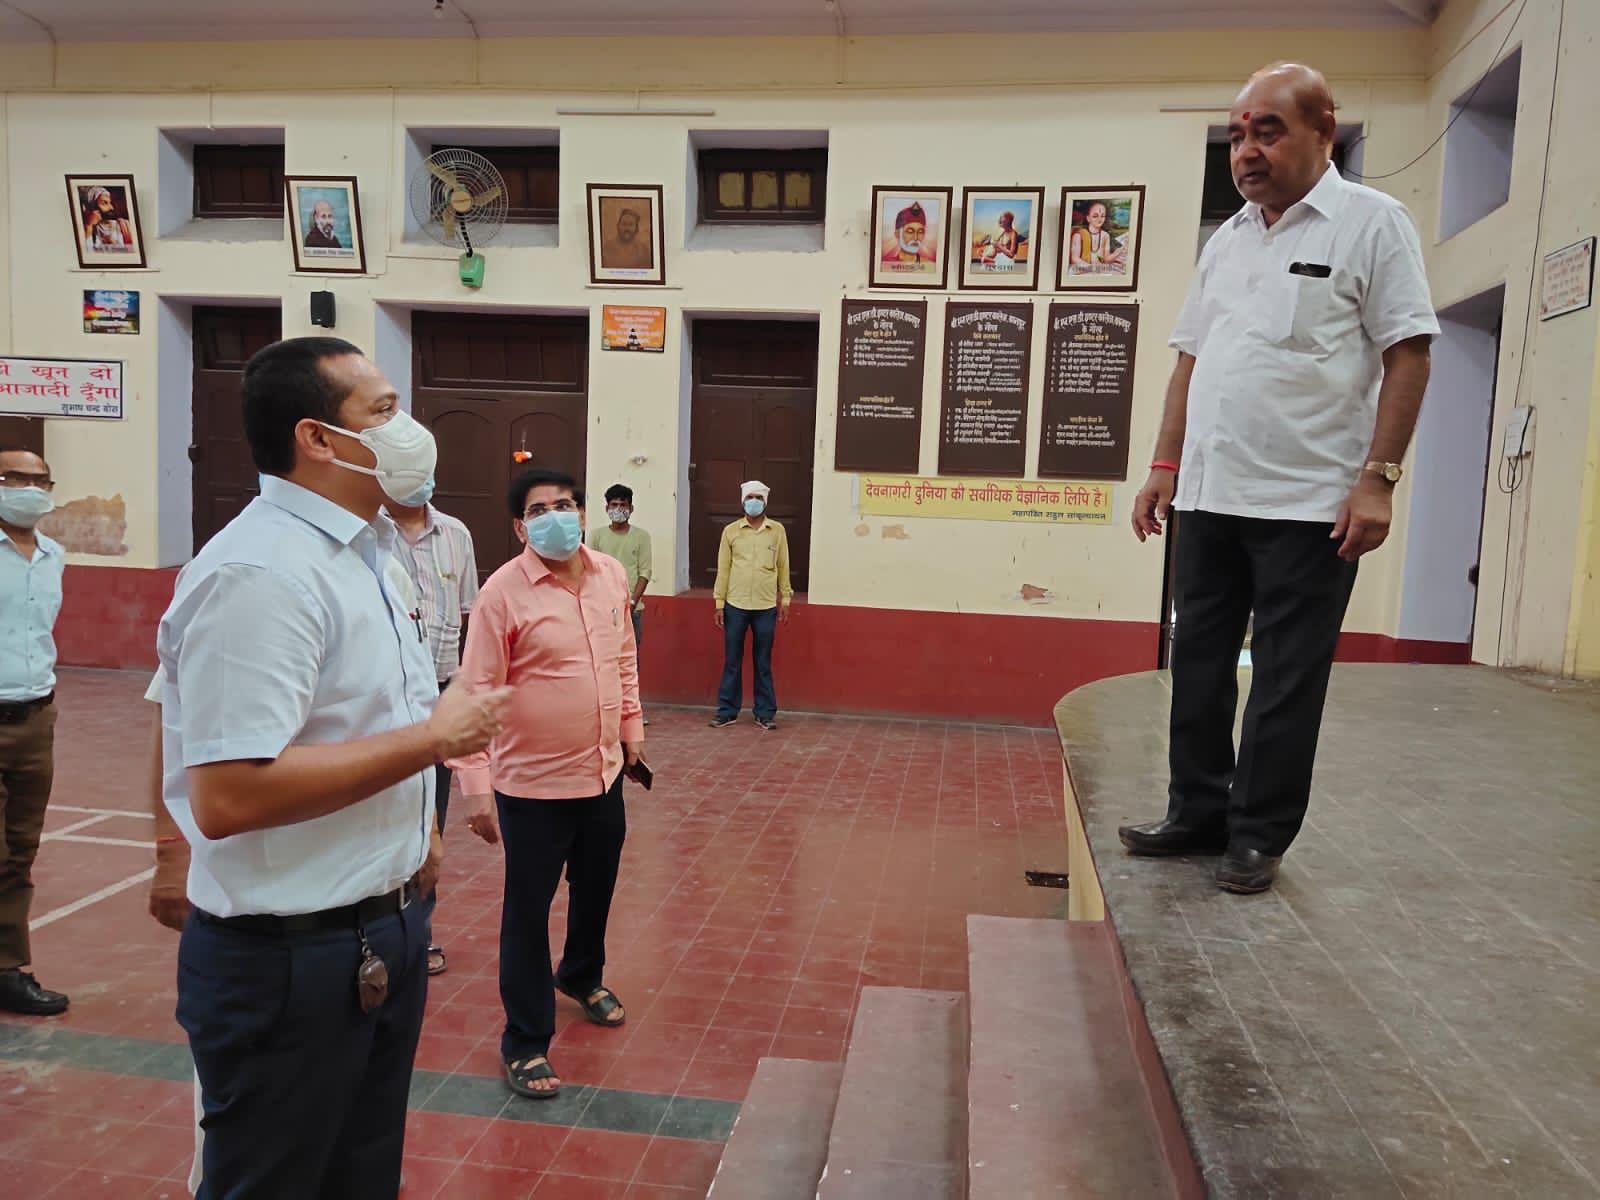 कमिश्नर के औचक निरीक्षण में कोविड नियमों की धज्जियां उड़ाते दिखे टीचर्स, वाइस प्रिंसिपल का चालान, थर्मल गन भी मिली खराब|कानपुर,Kanpur - Dainik Bhaskar